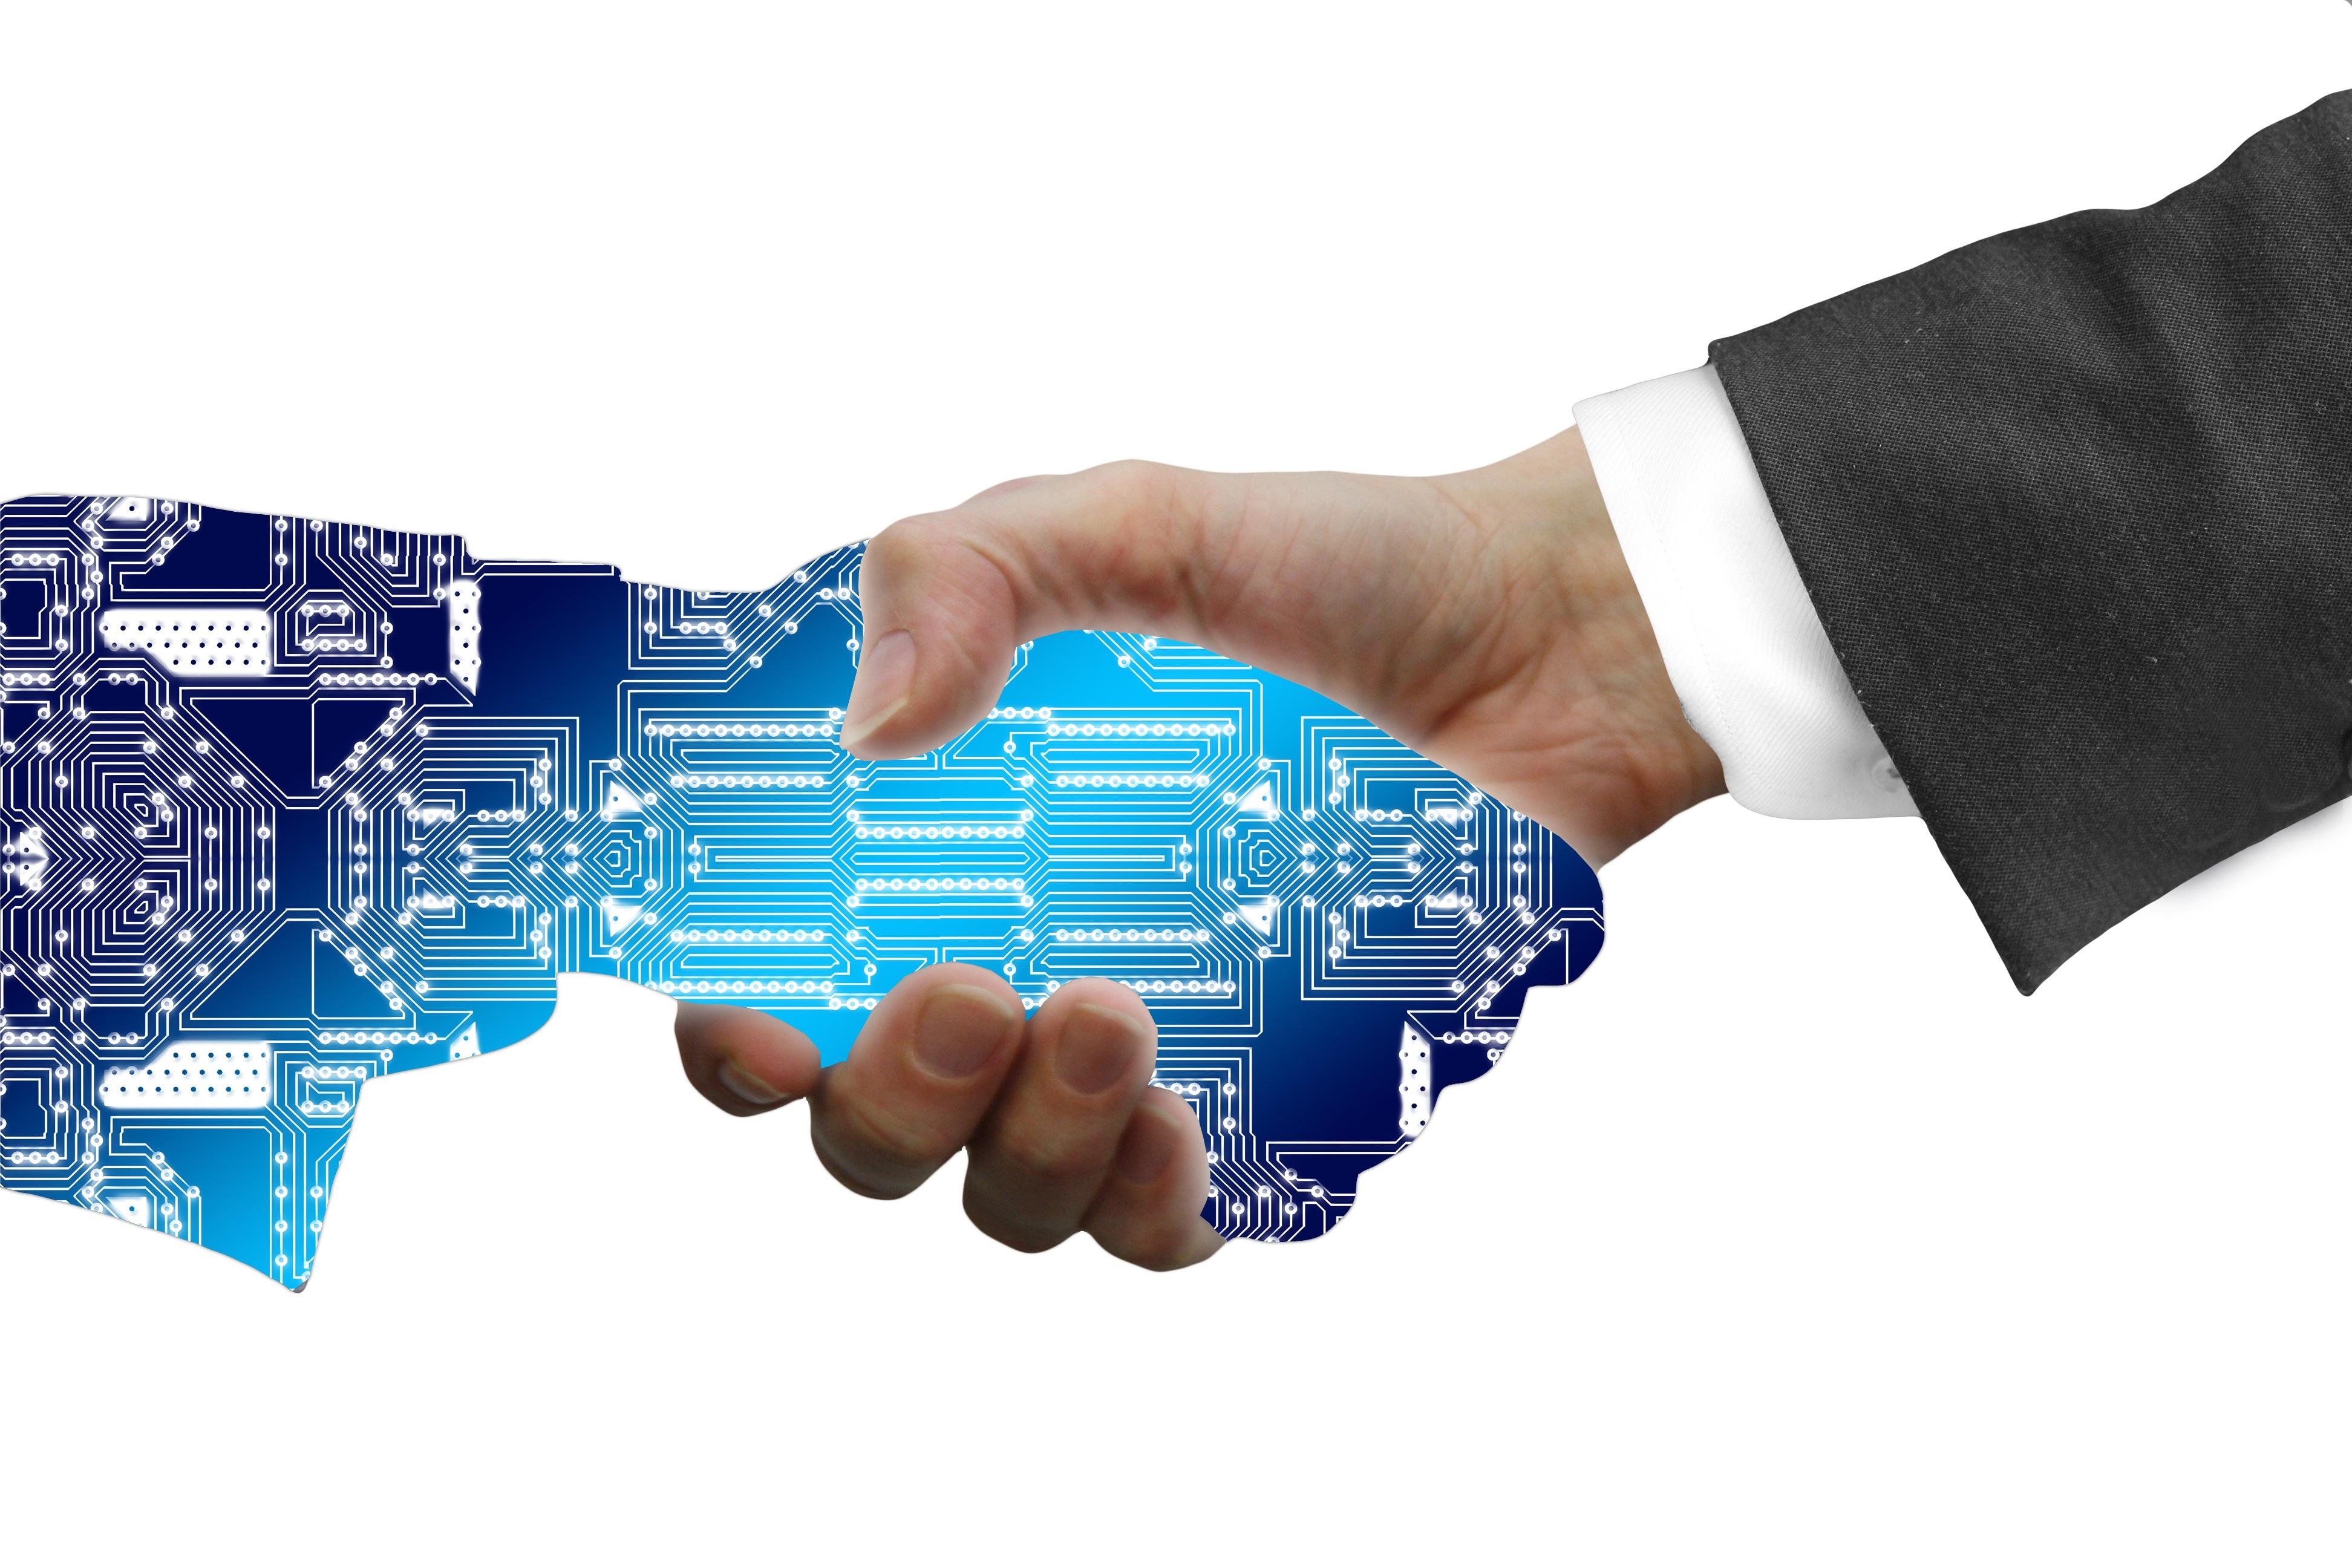 Monitoramento de TI: Veja 7 motivos para contratar uma consultoria